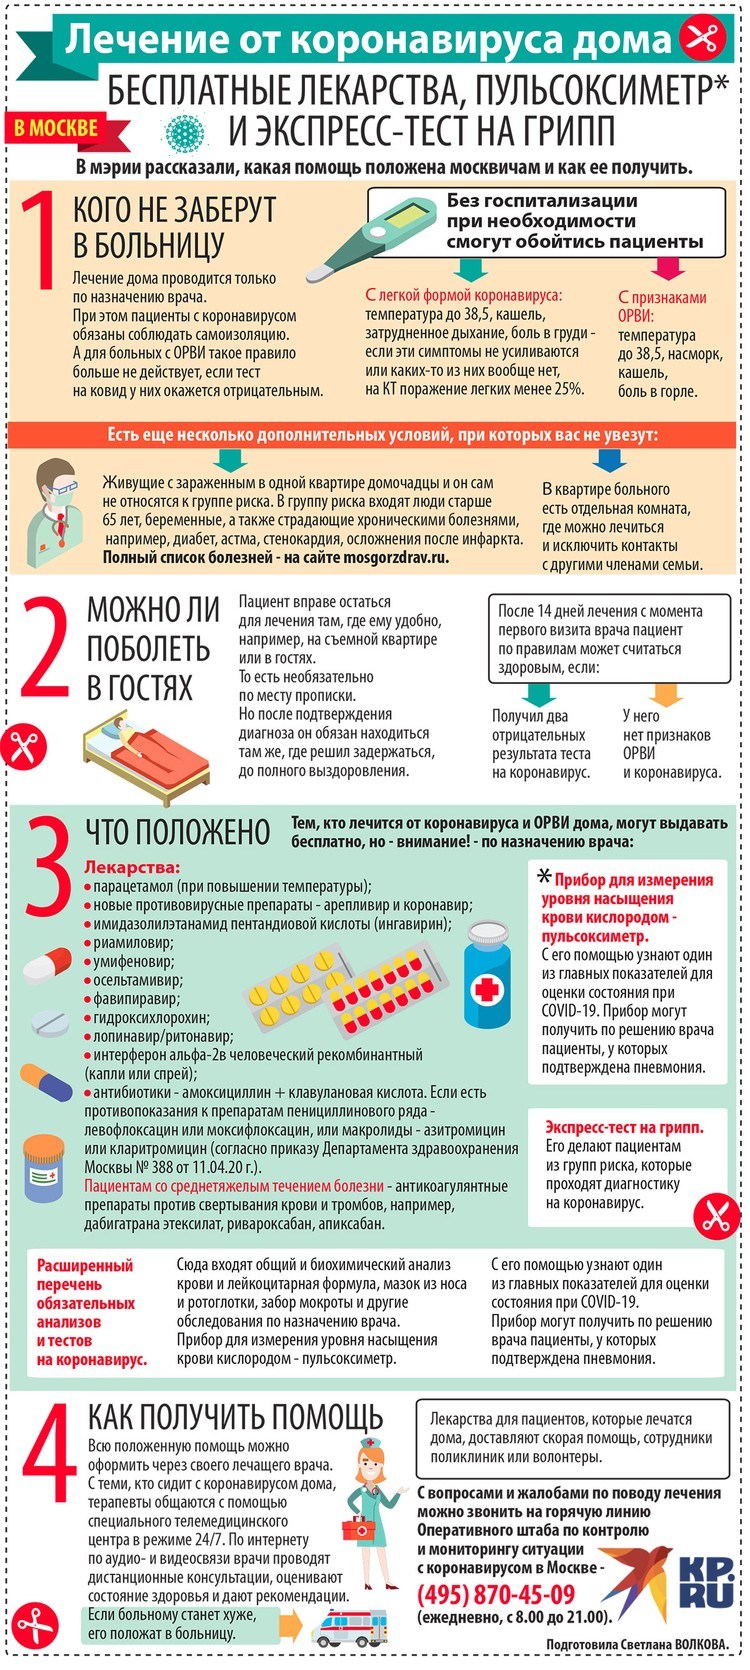 Лечение от коронавируса дома